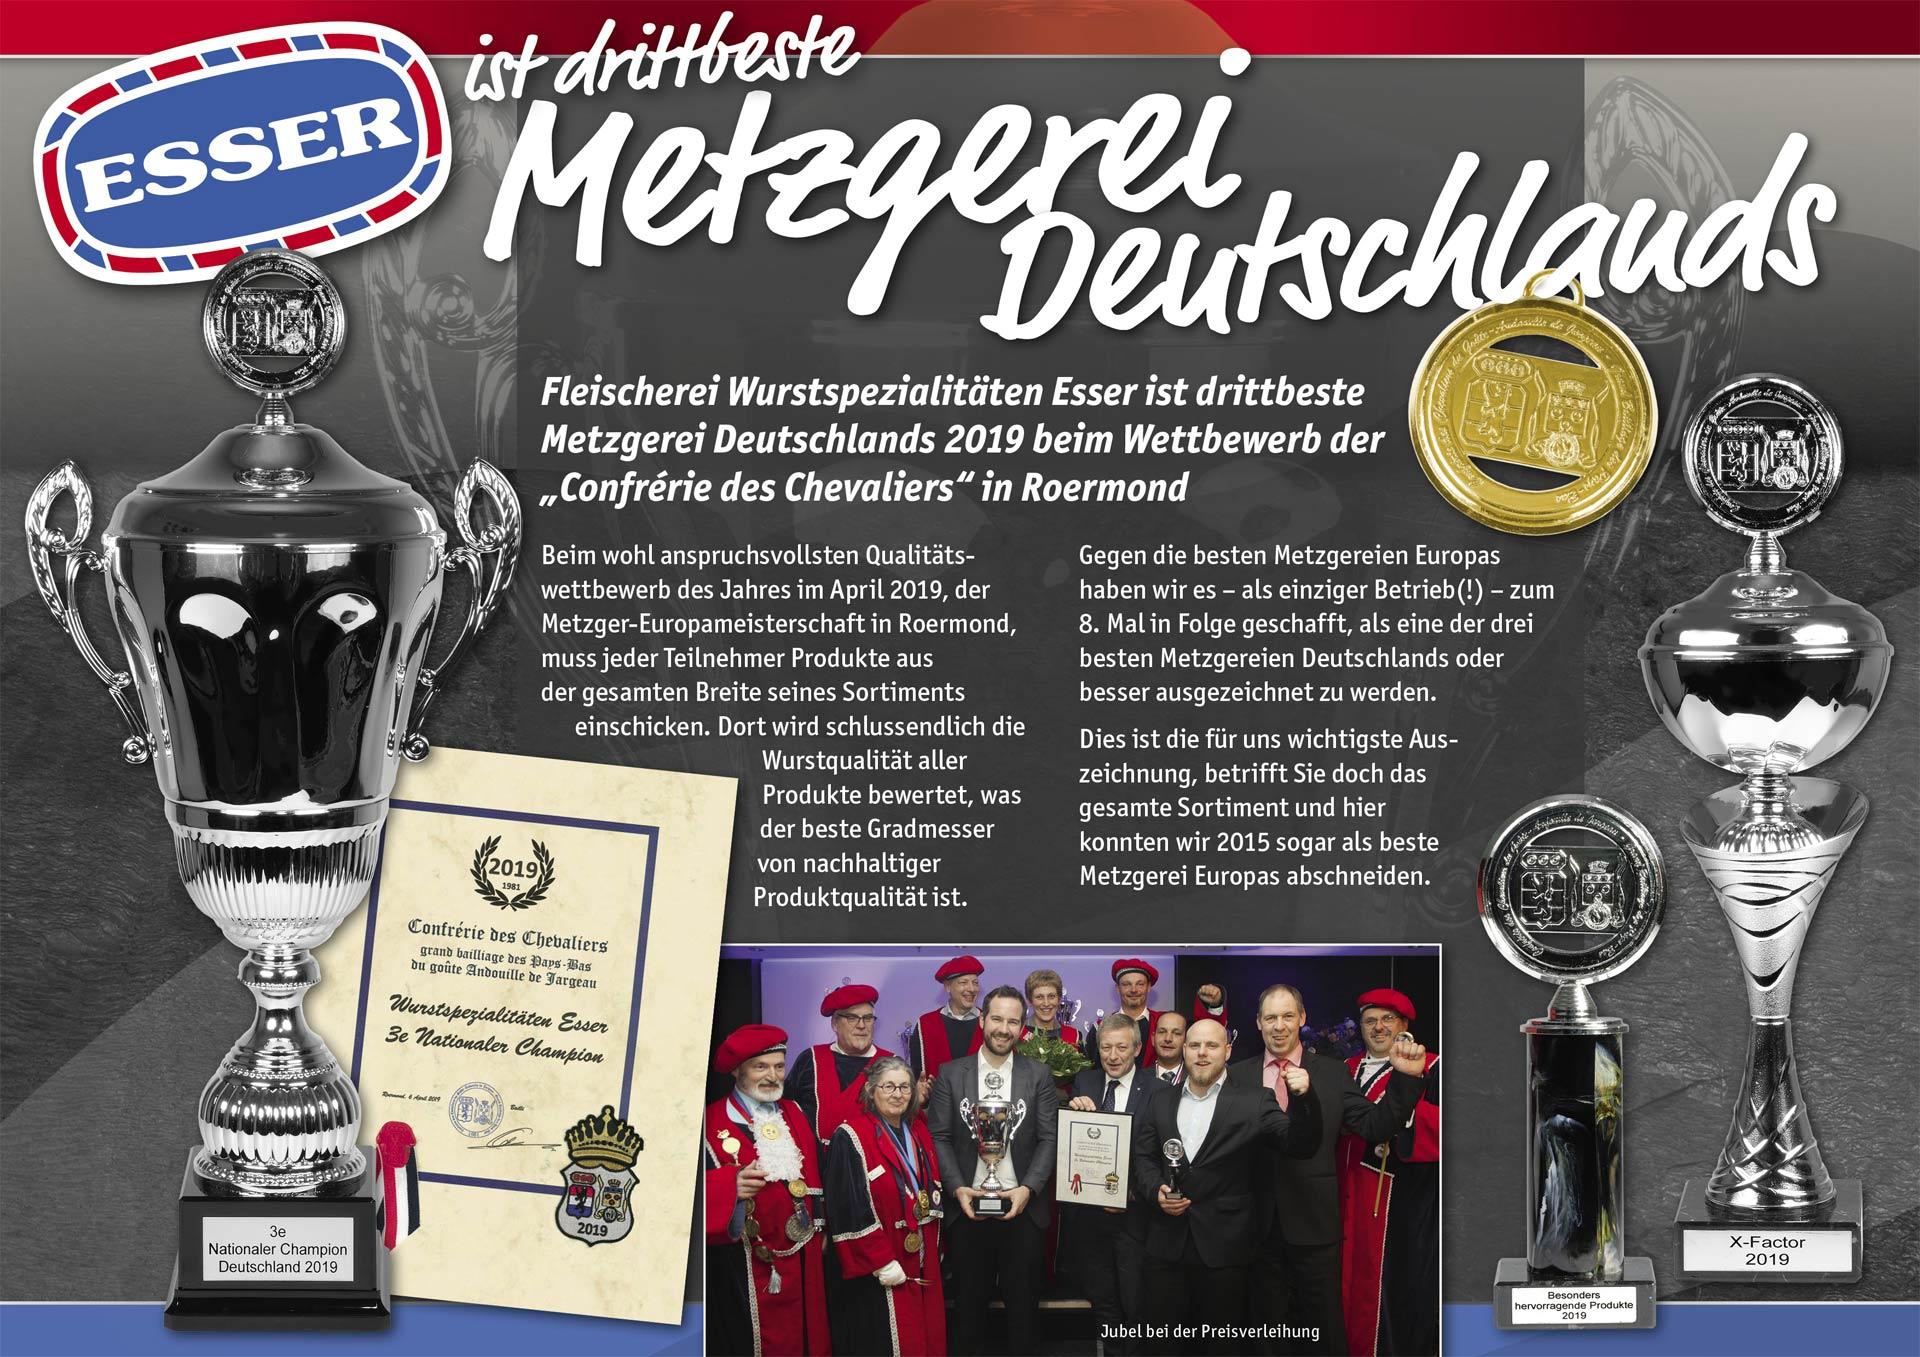 Drittbeste Metzgerei Deutschlands 2019